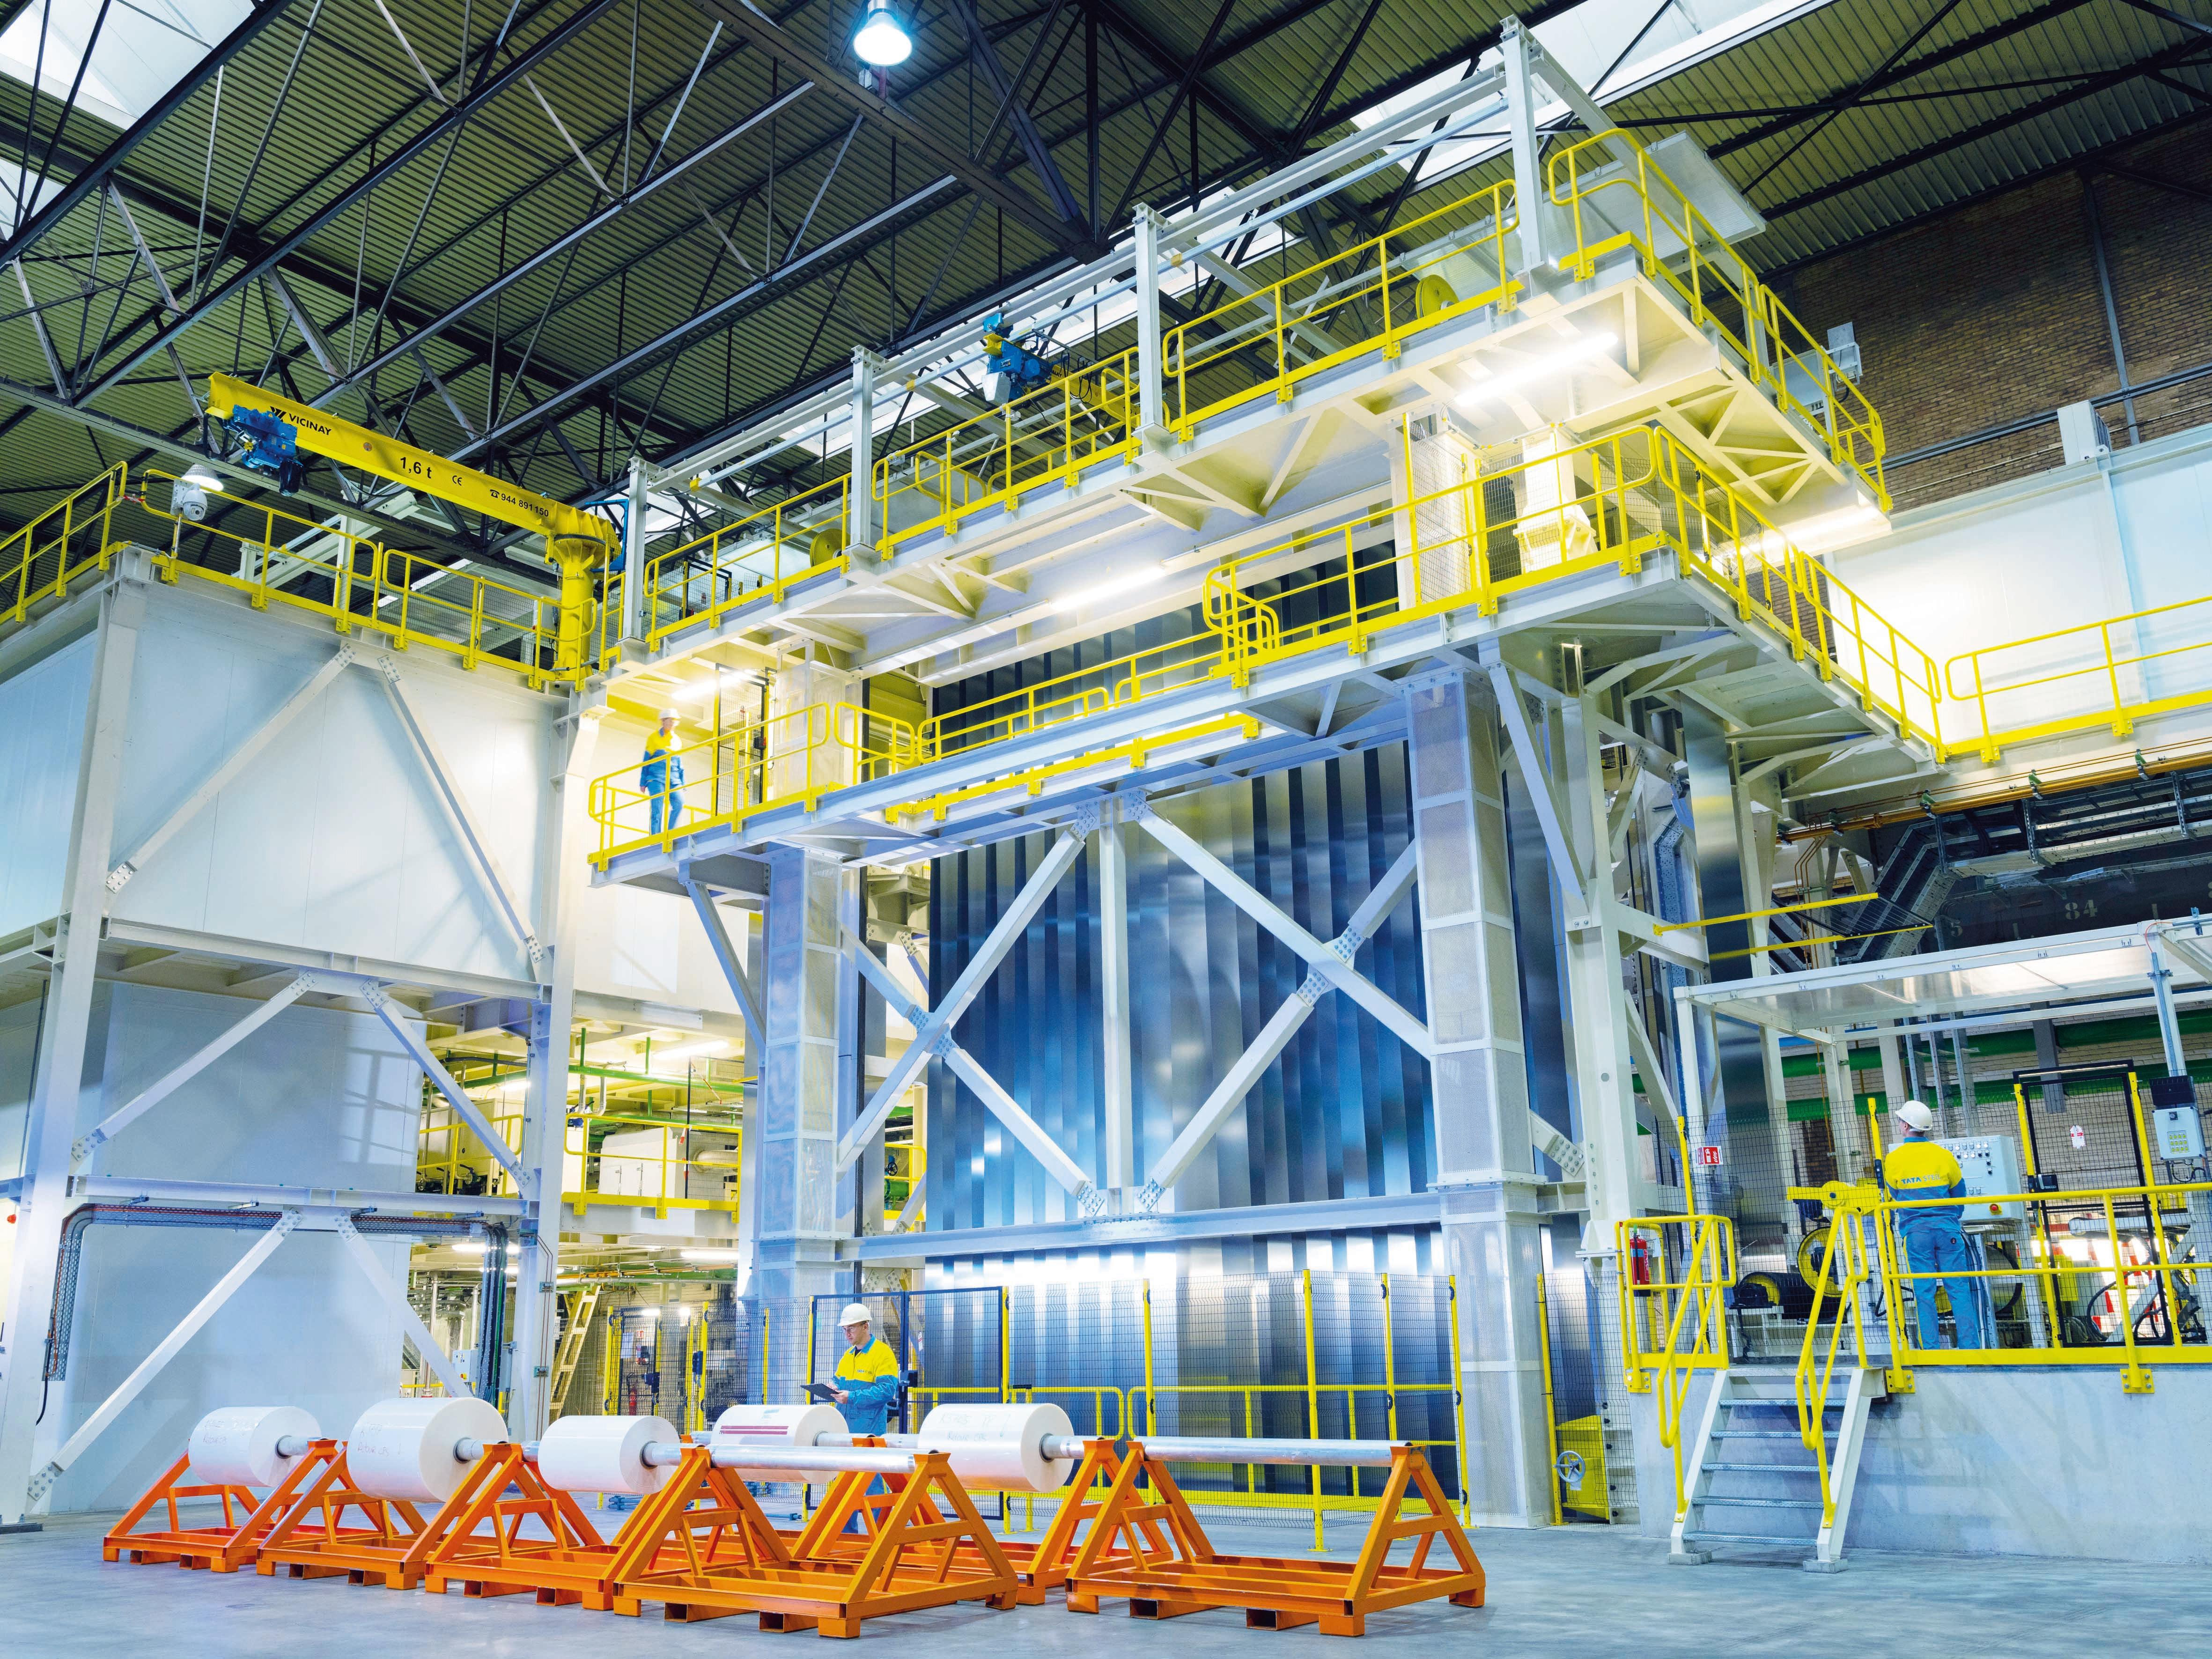 Tata Steel IJmuiden heeft een nieuwe staalsoort ontwikkeld voor conservenblikjes. En dat is ook goed nieuws voor de onderhandelingen met het Zweedse SSAB